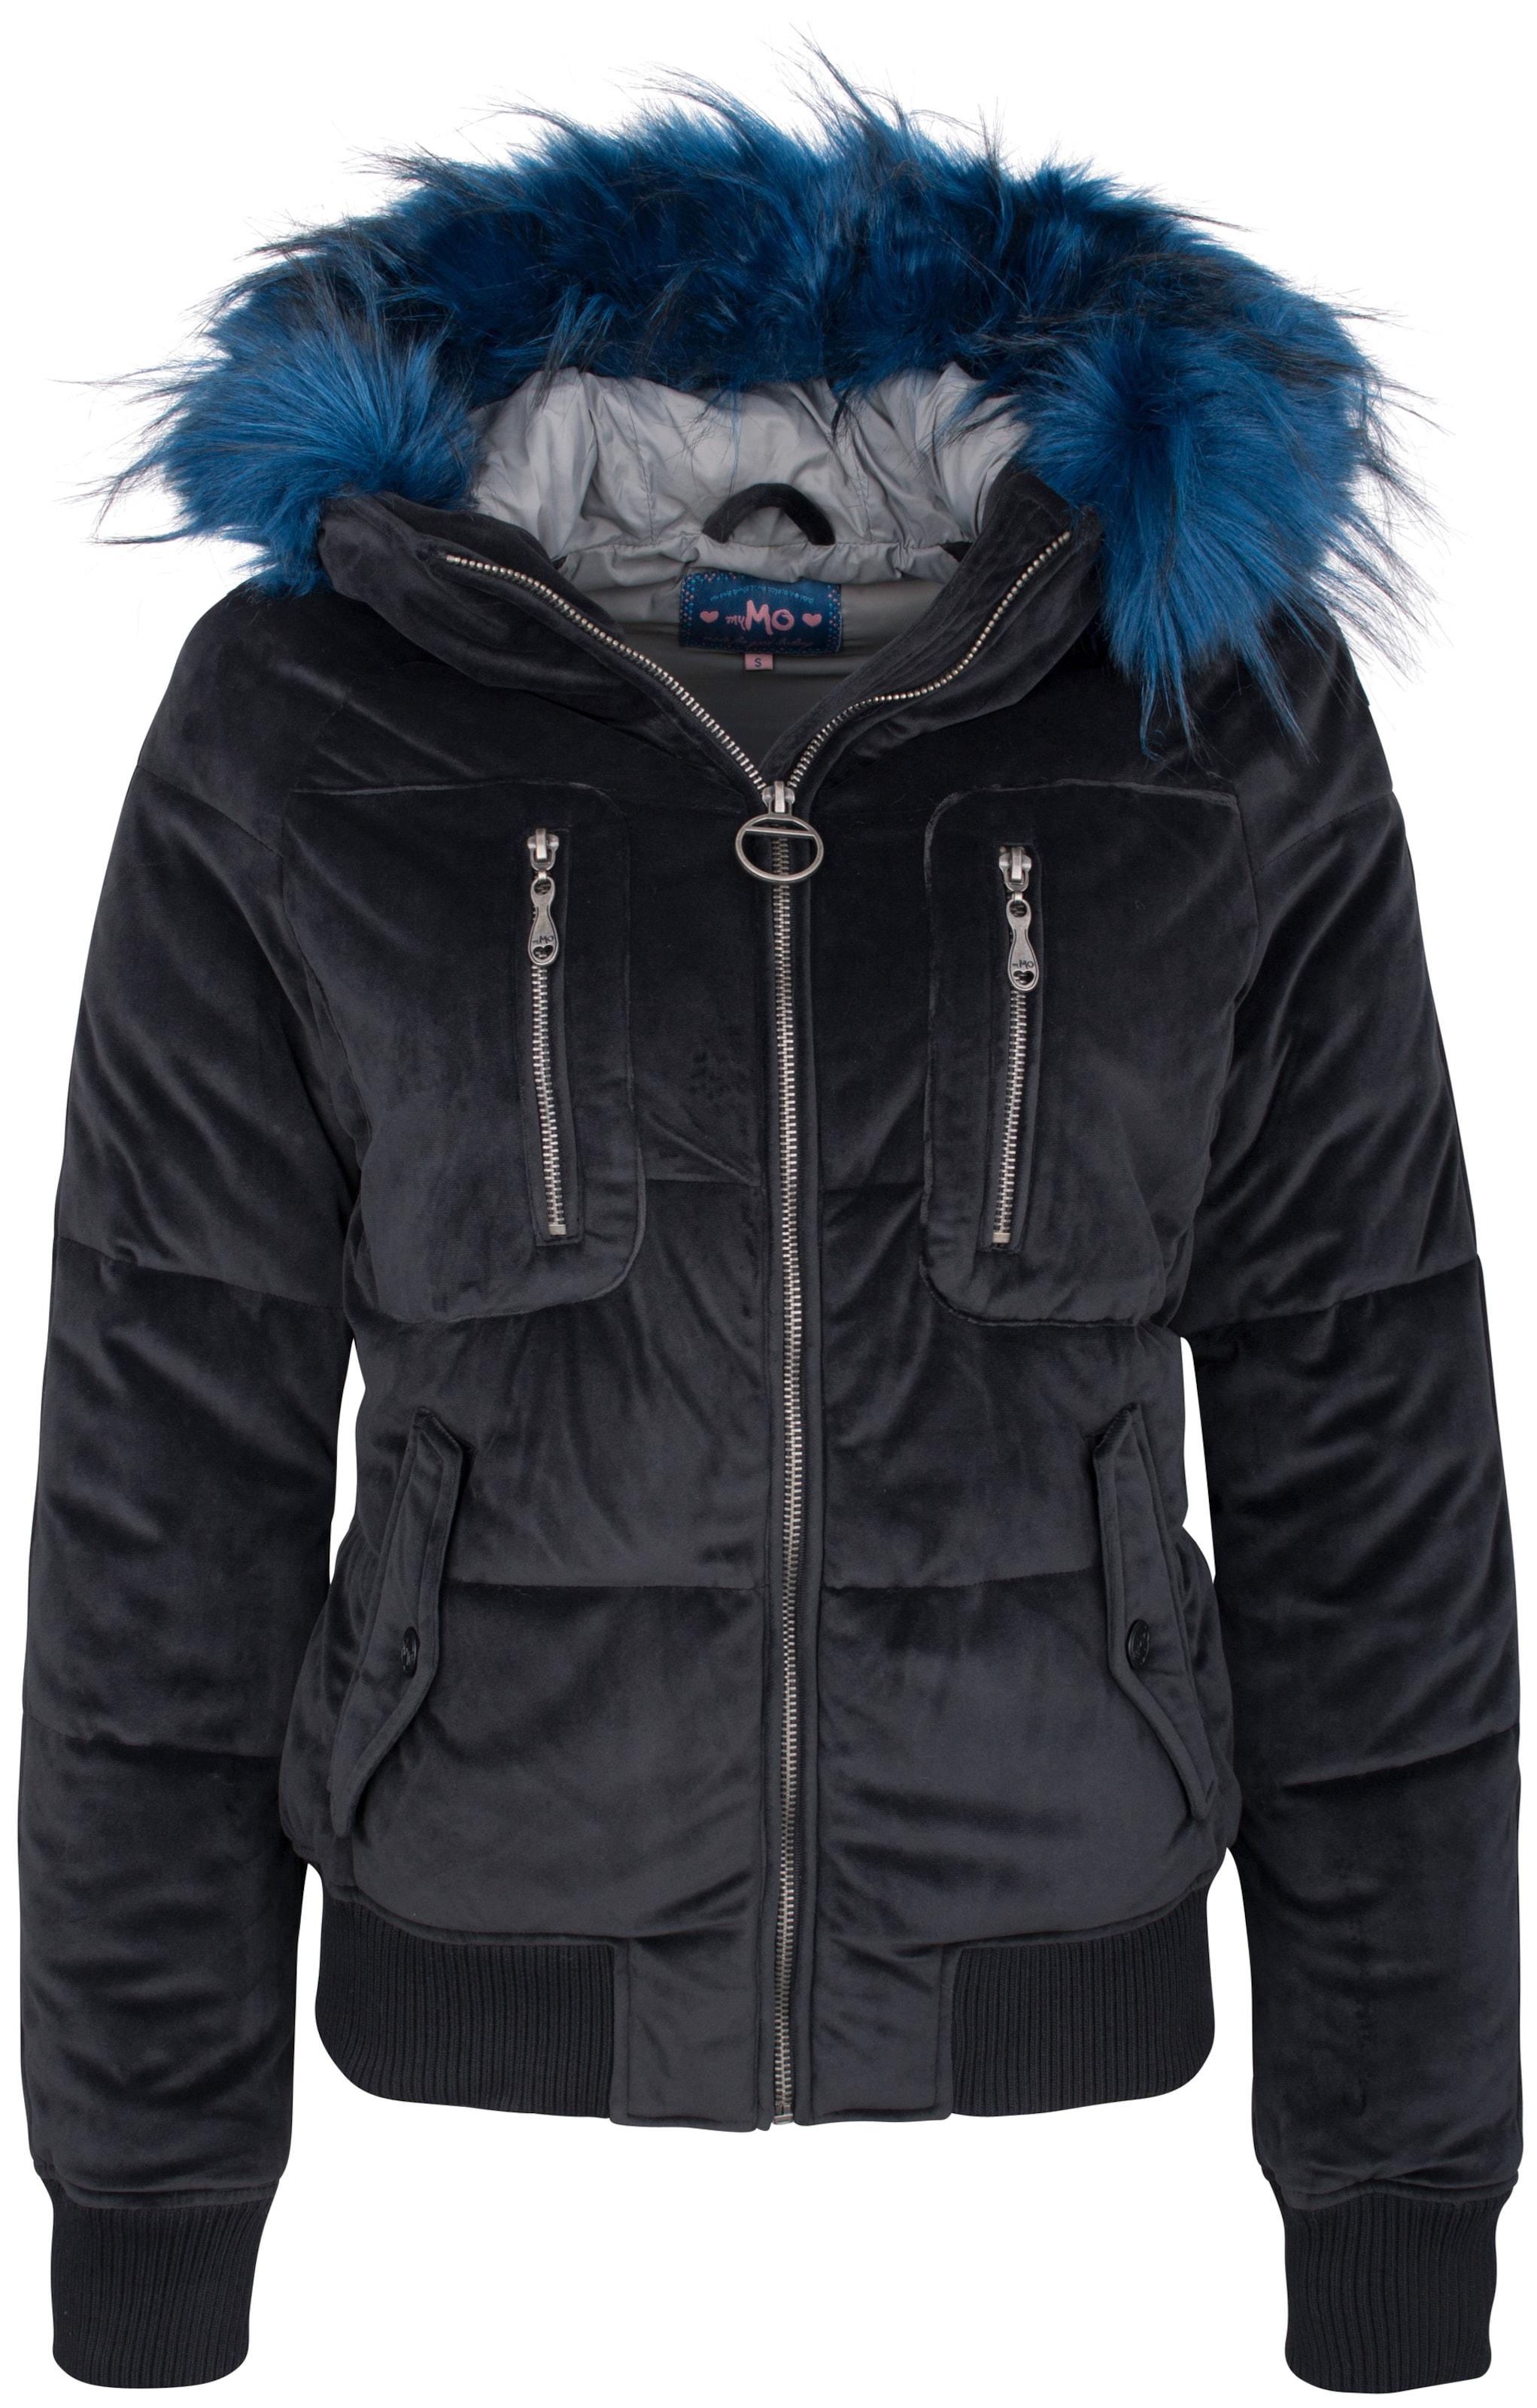 Veste Mymo Bleu En Mymo D'hiver TKJcFl1